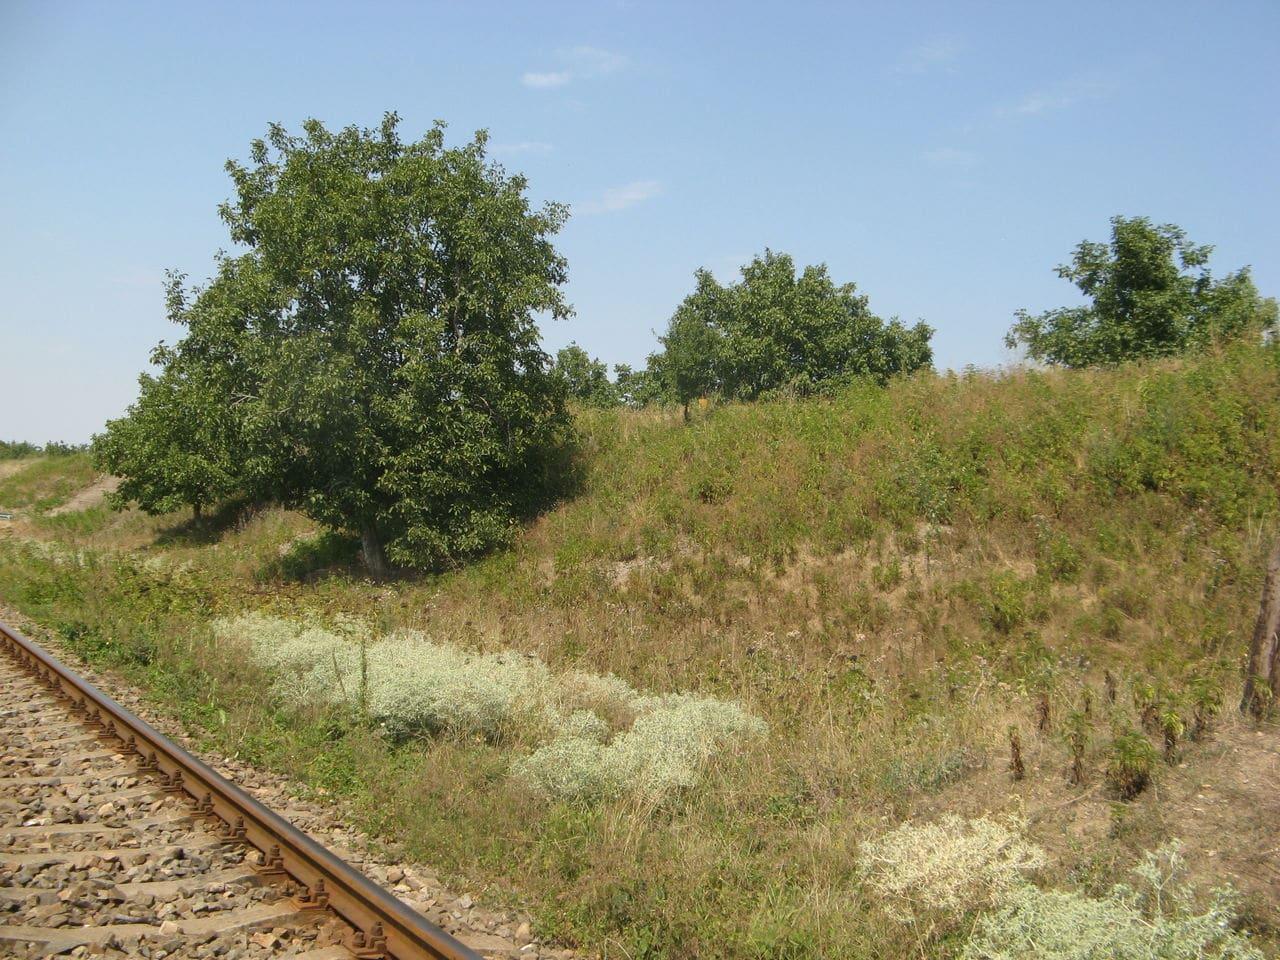 Calea ferată directă Oradea Vest - Episcopia Bihor IMG_0057